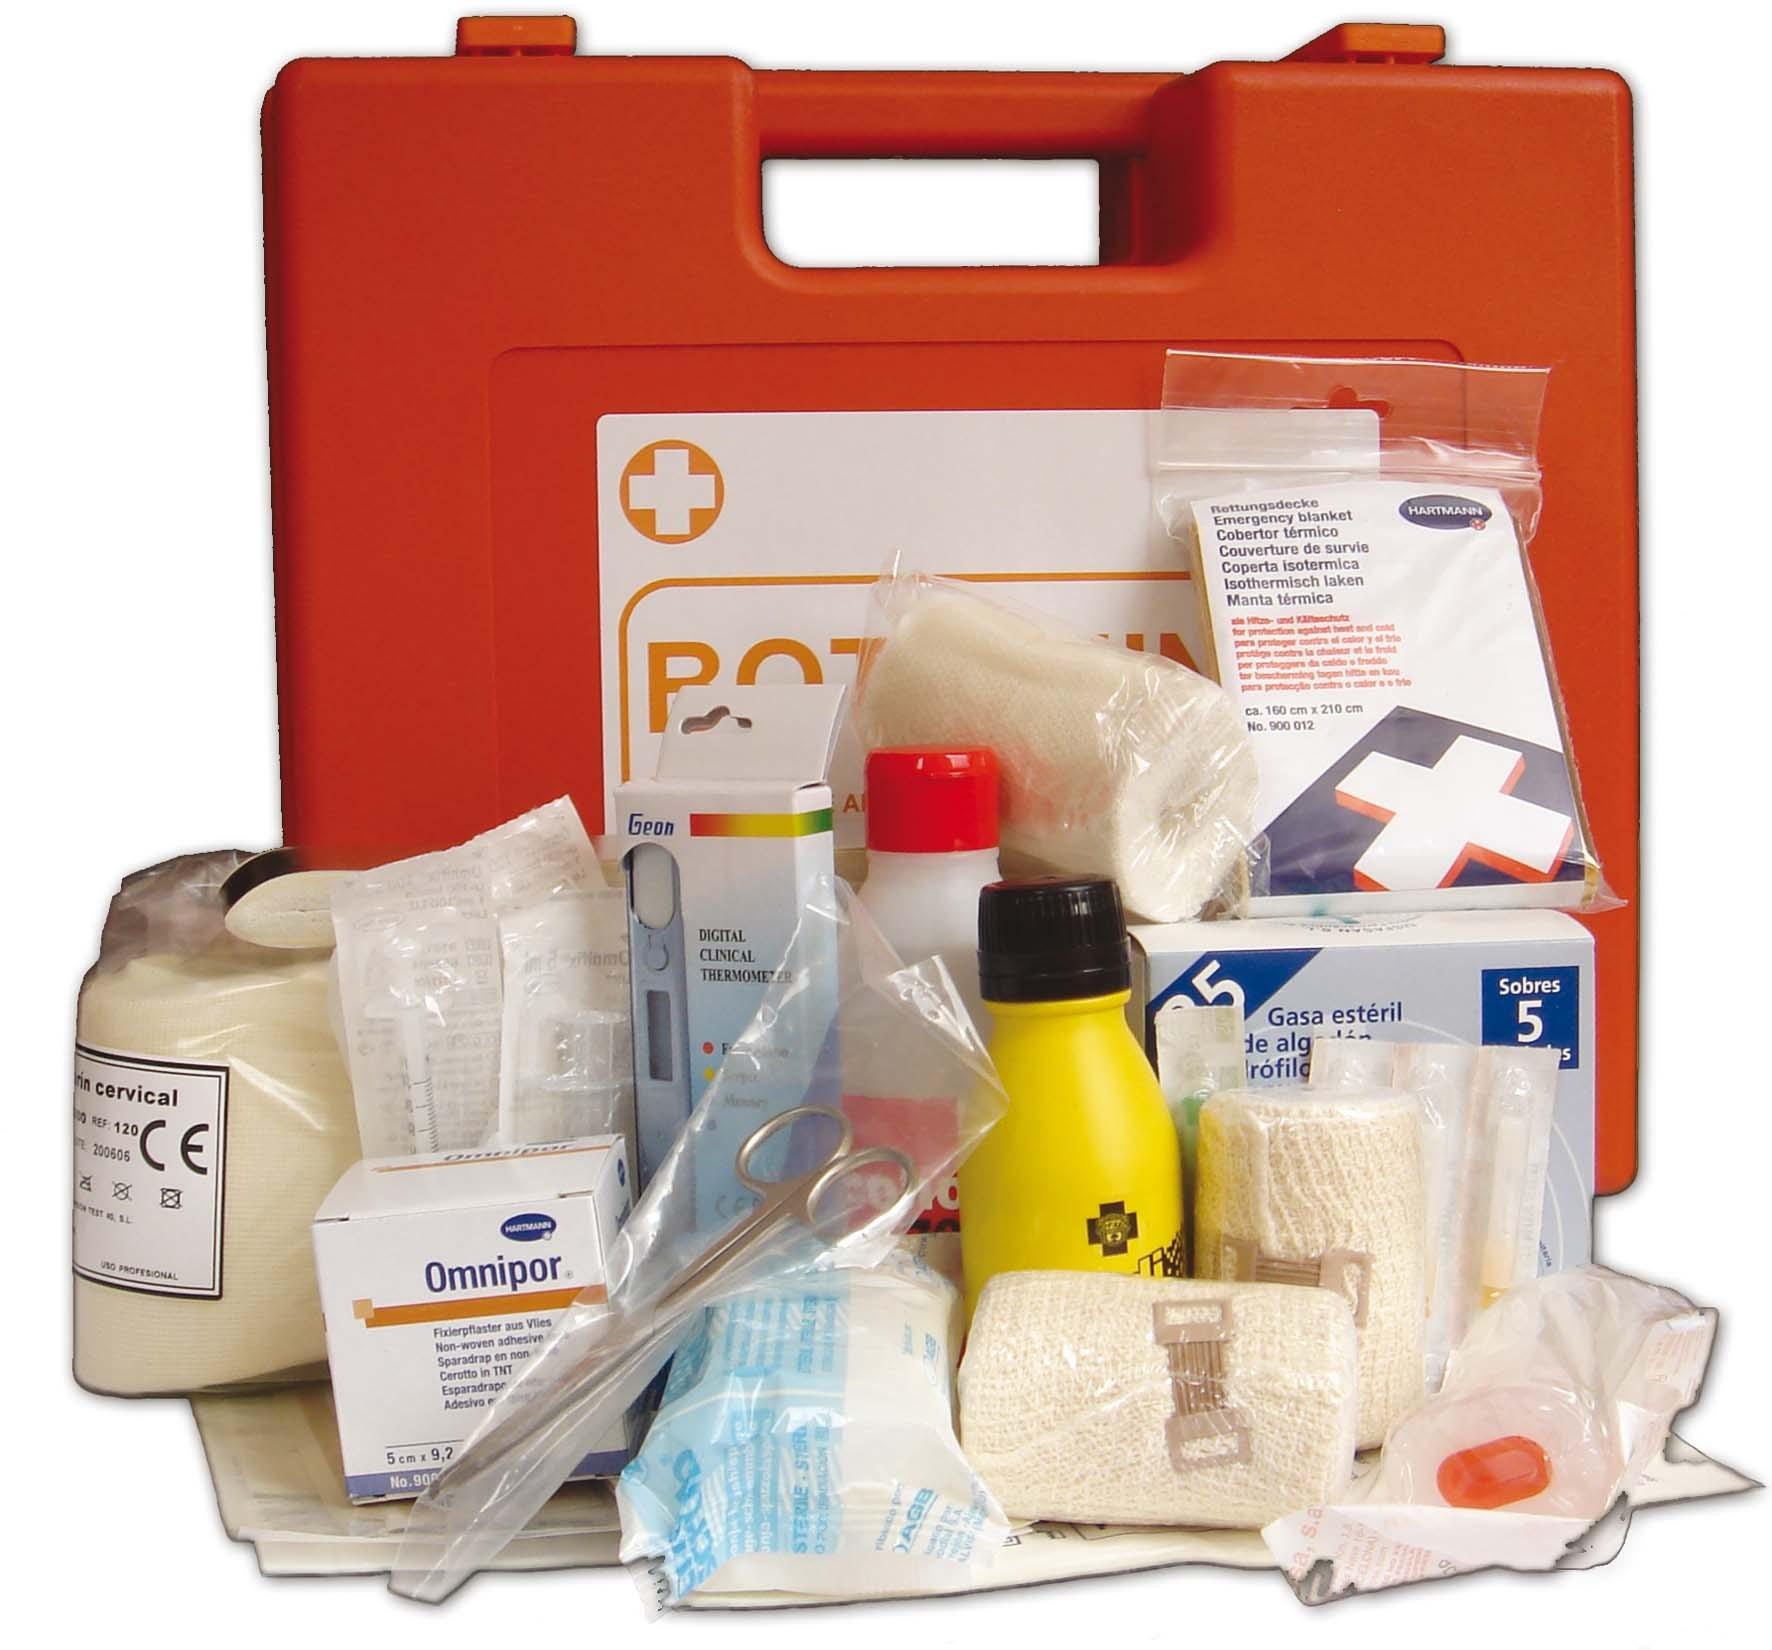 Anexo de medicamentos incluidos en los botiquines a bordo